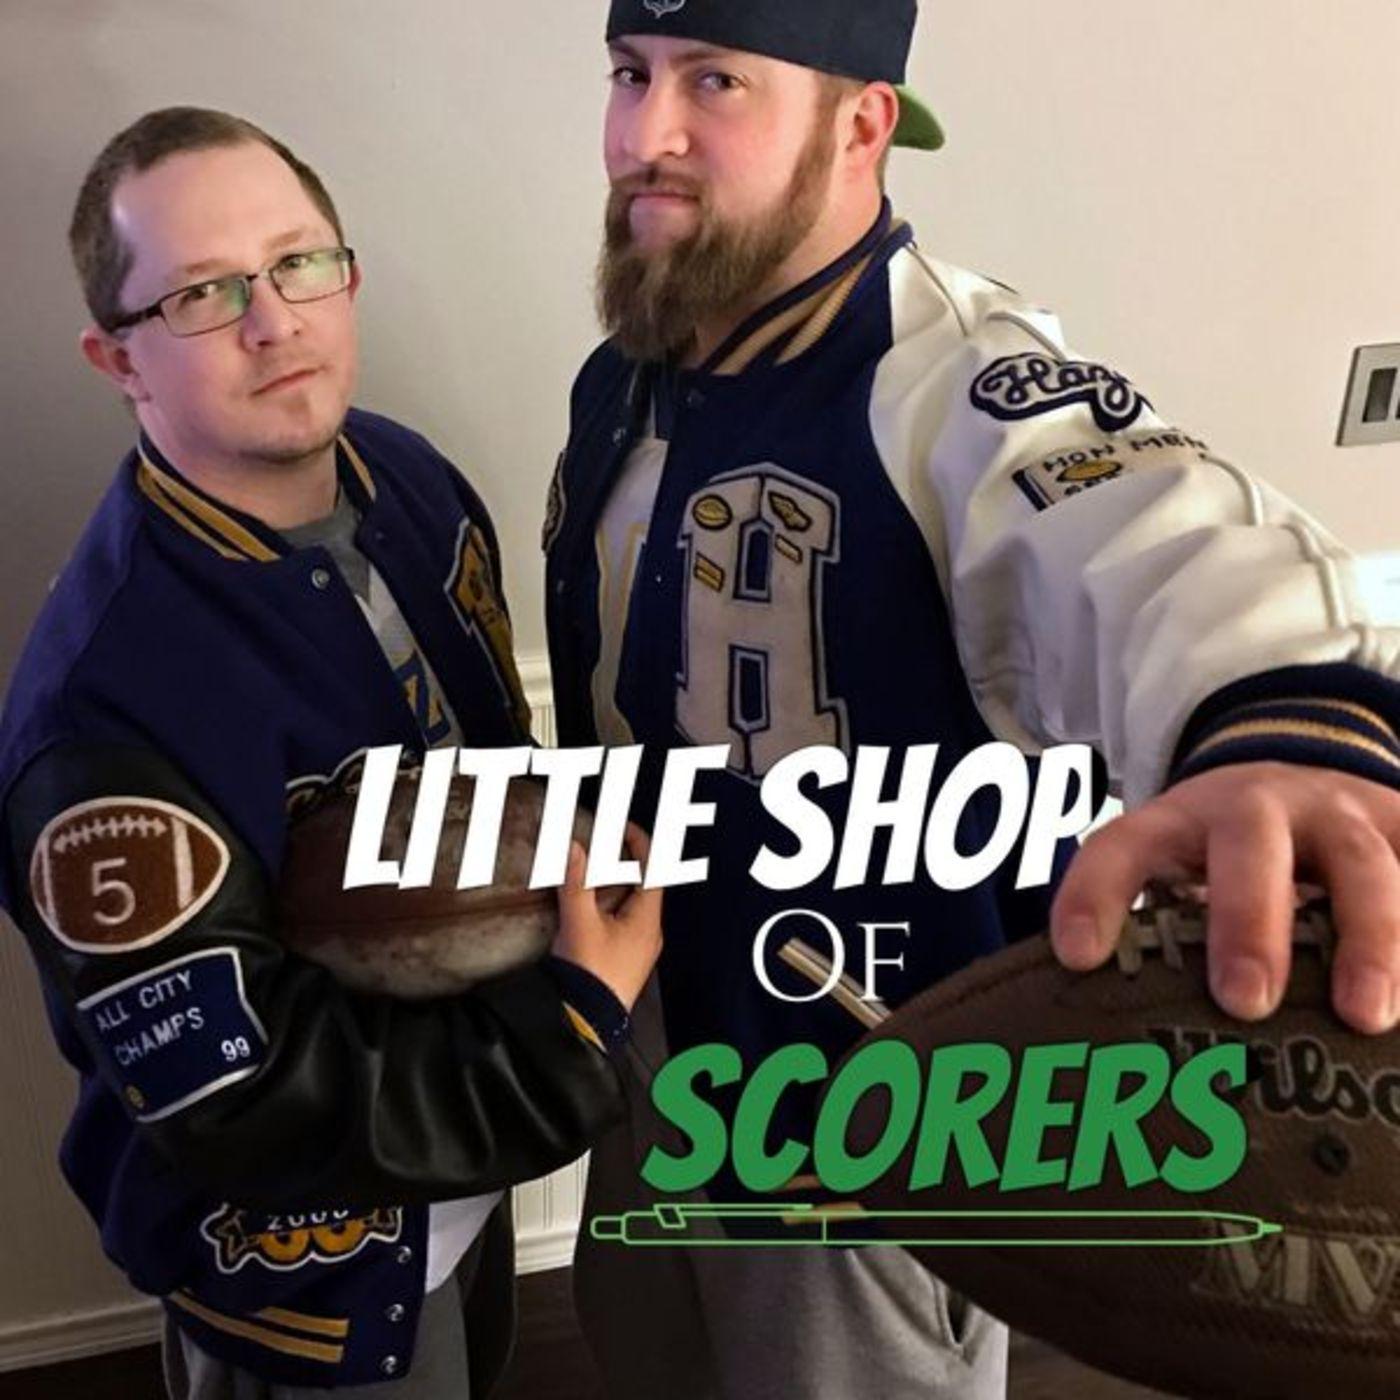 <![CDATA[Little Shop of Scorers]]>